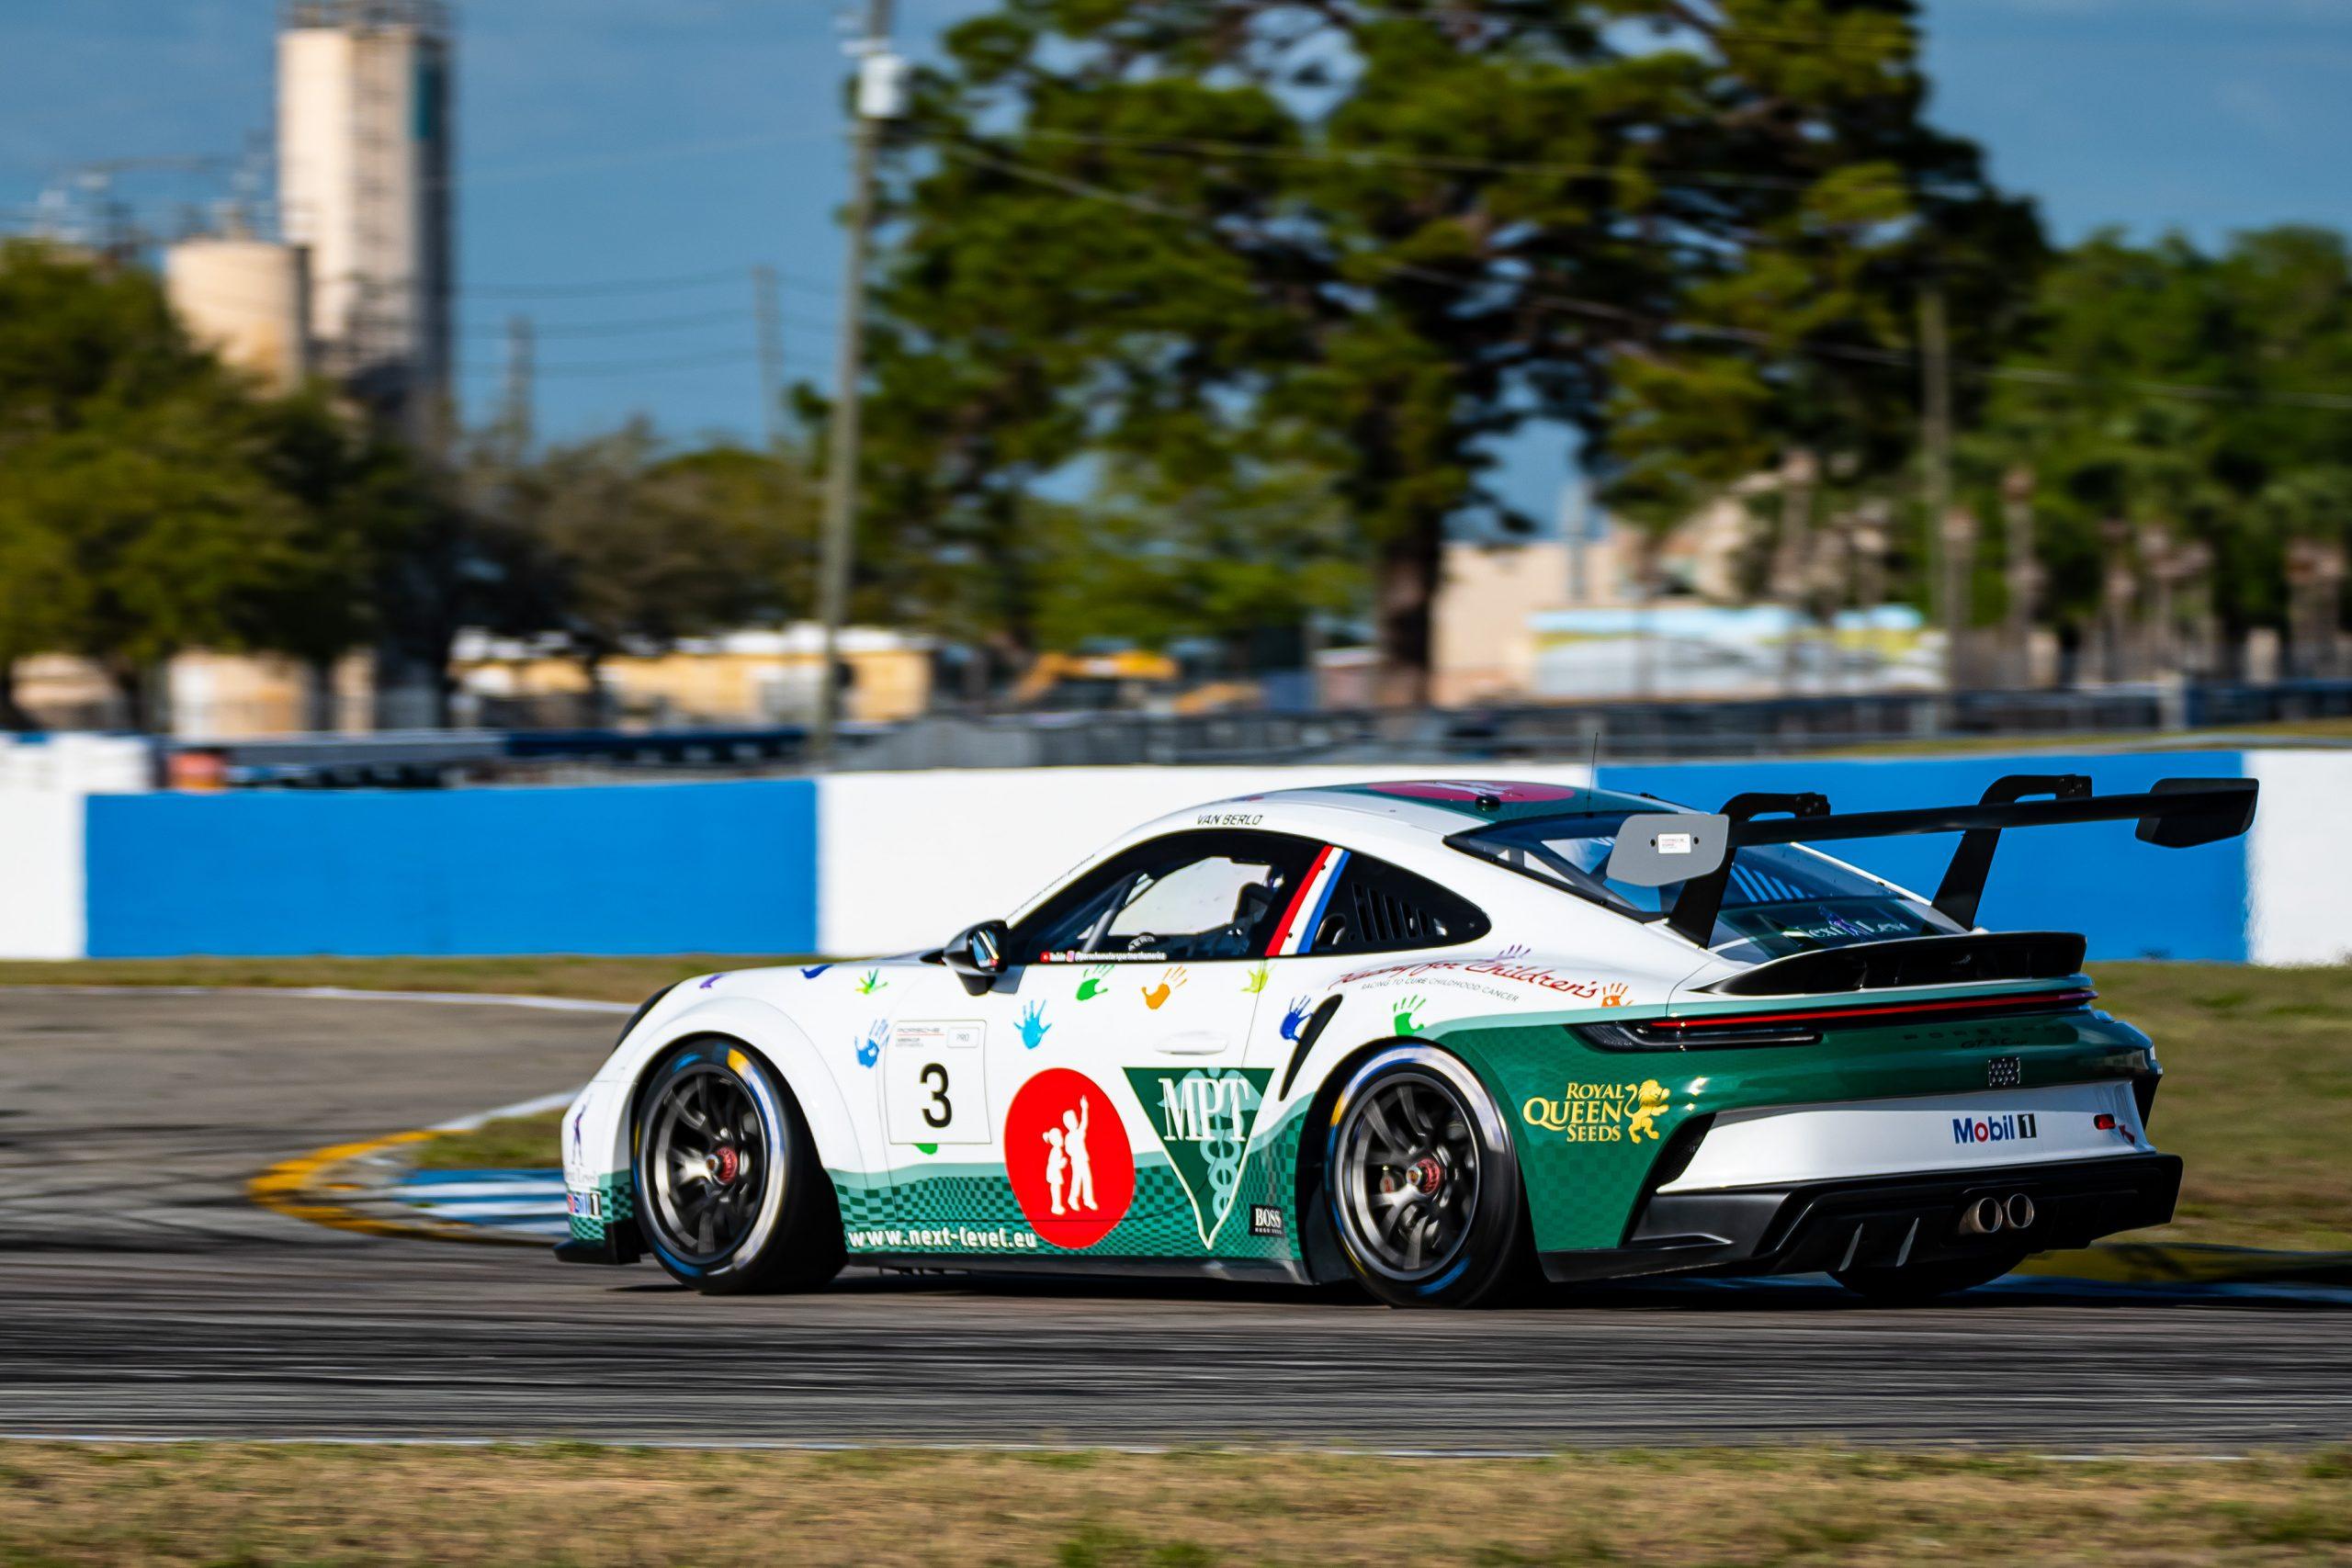 No. 3 Kelly-Moss Road & Race Porsche, 911 GT3 Cup, Kay van Berlo